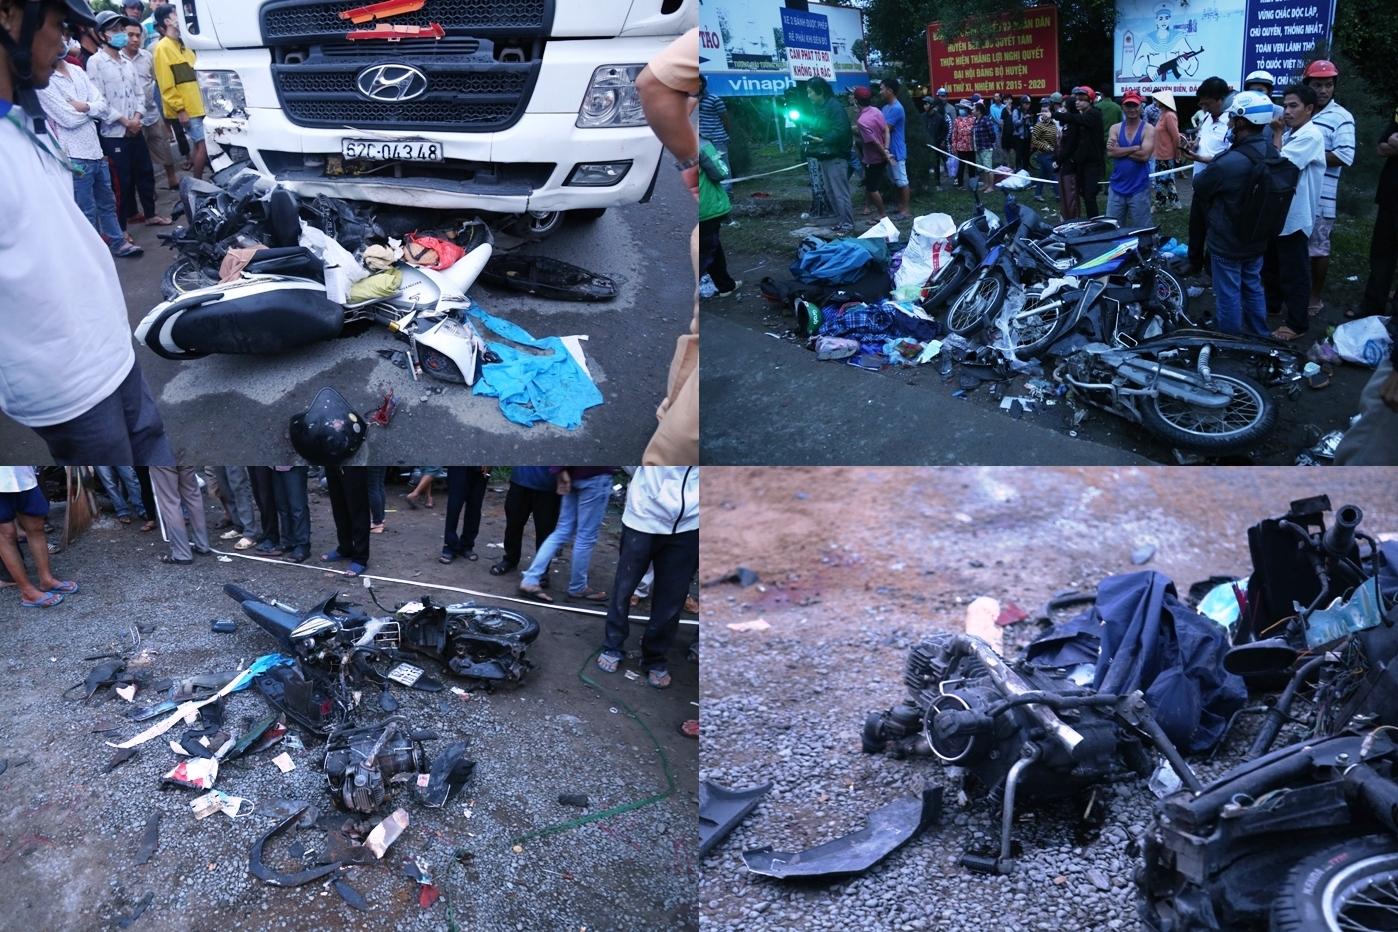 Ám ảnh lời kể nhân chứng vụ container tông 18 xe máy dừng đèn đỏ khiến 4 người tử vong, hơn 20 người bị thương - Ảnh 6